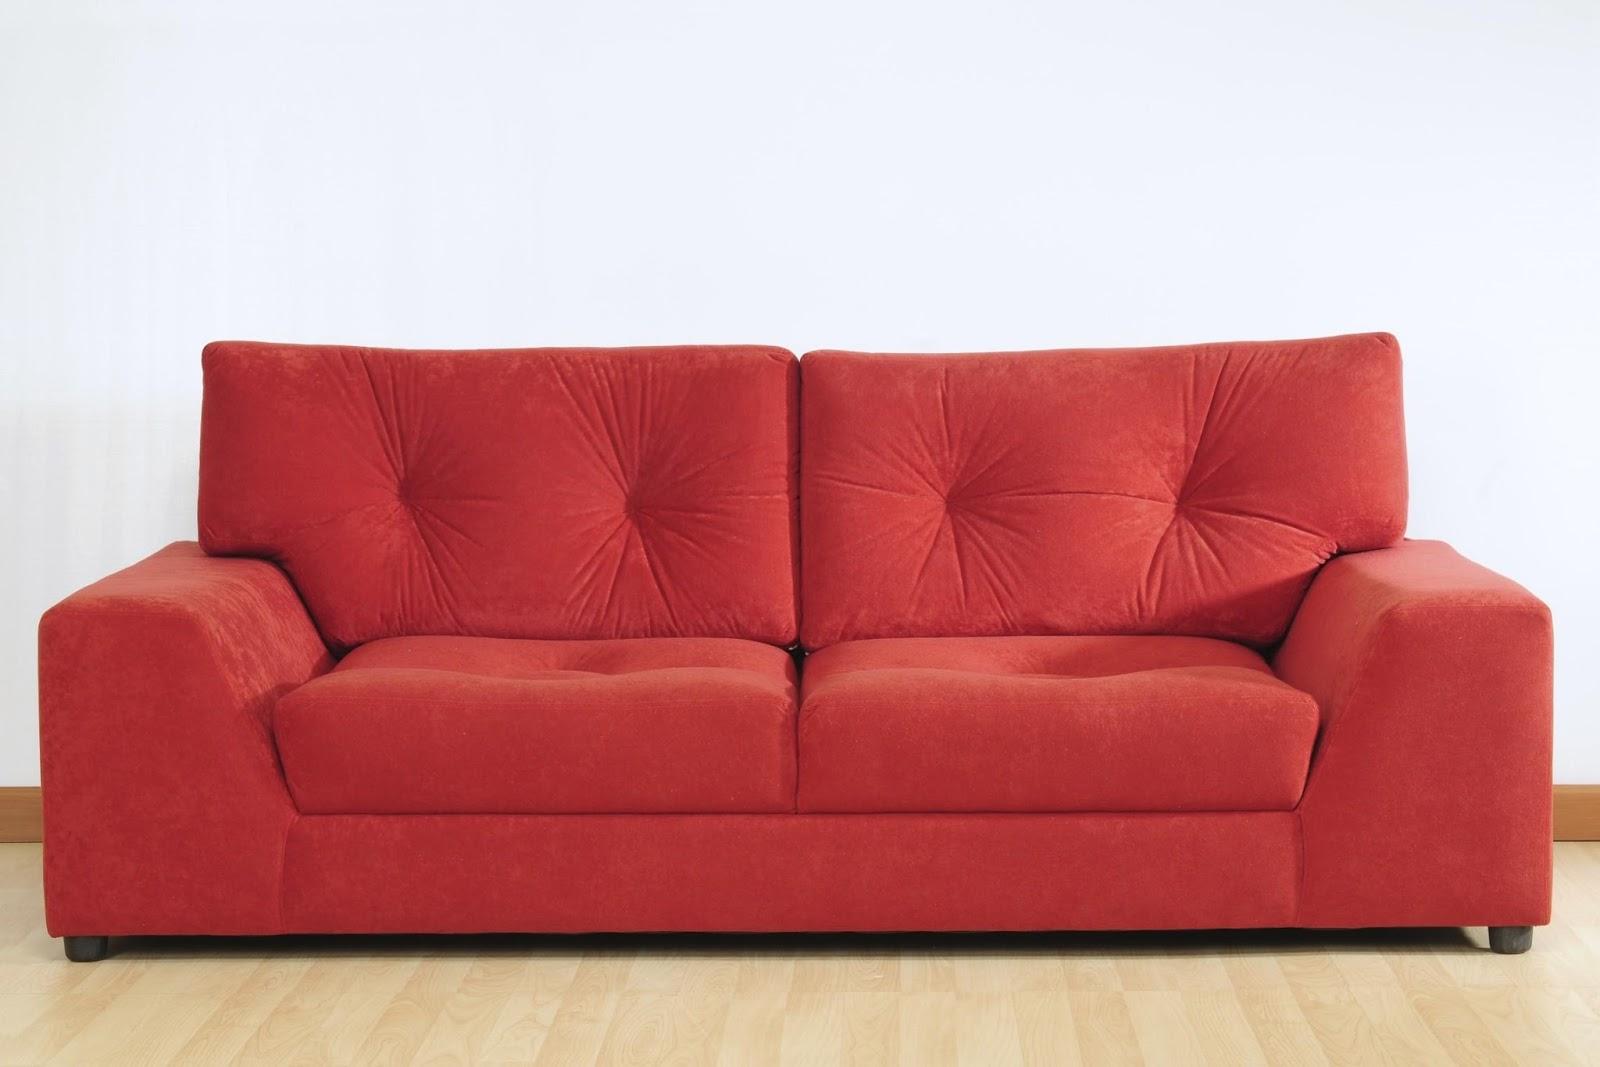 Traslochi e Trasporti: come trasportare un divano